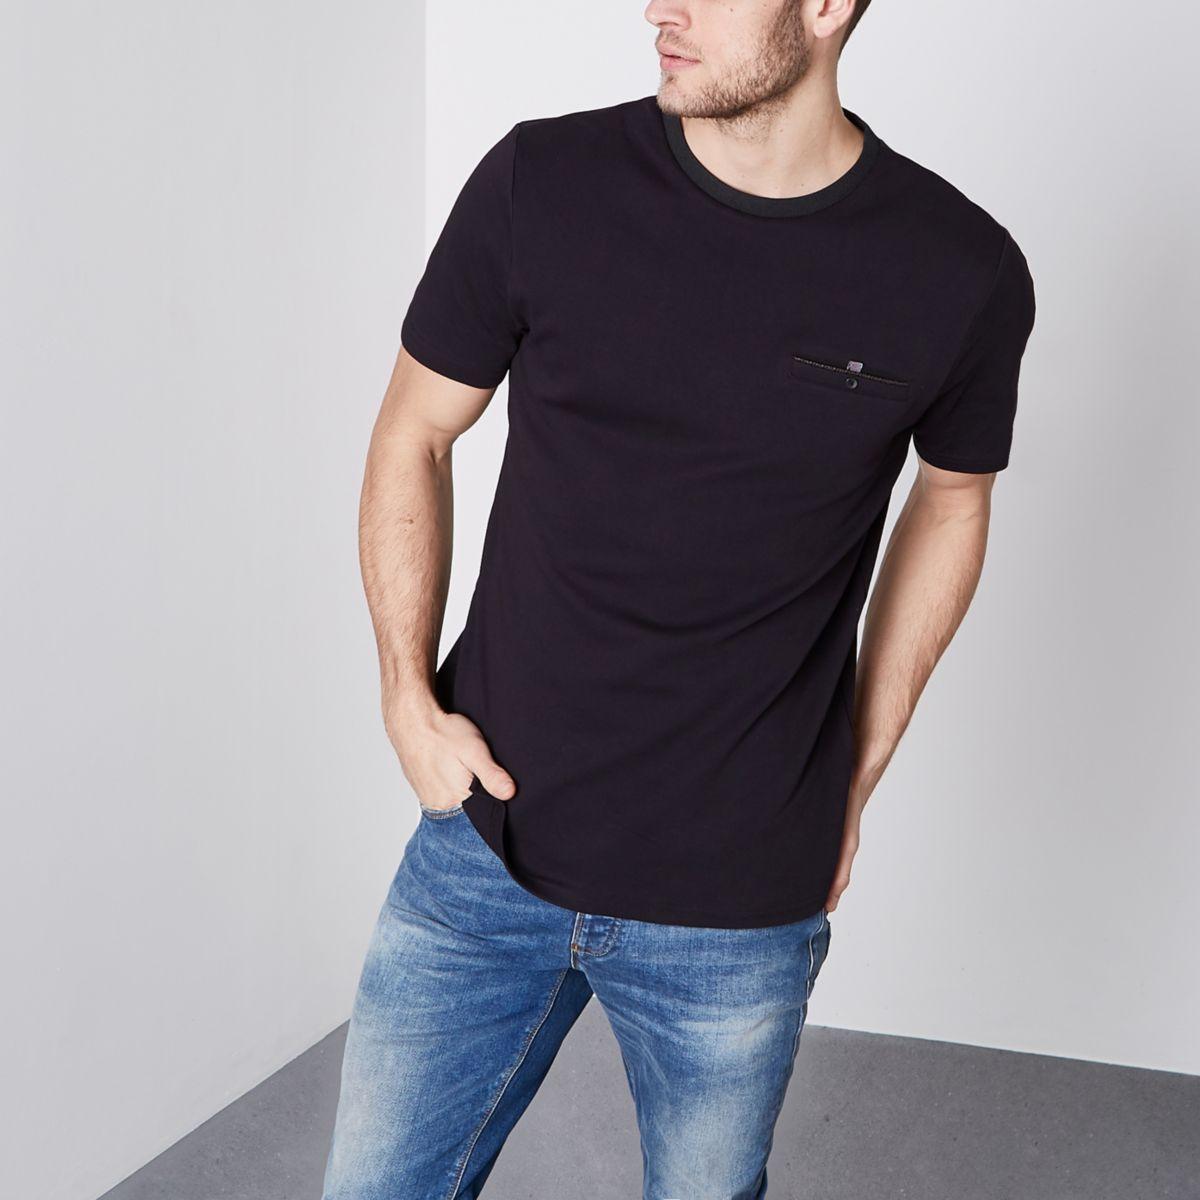 Schwarzes Slim Fit T-Shirt mit Brusttasche